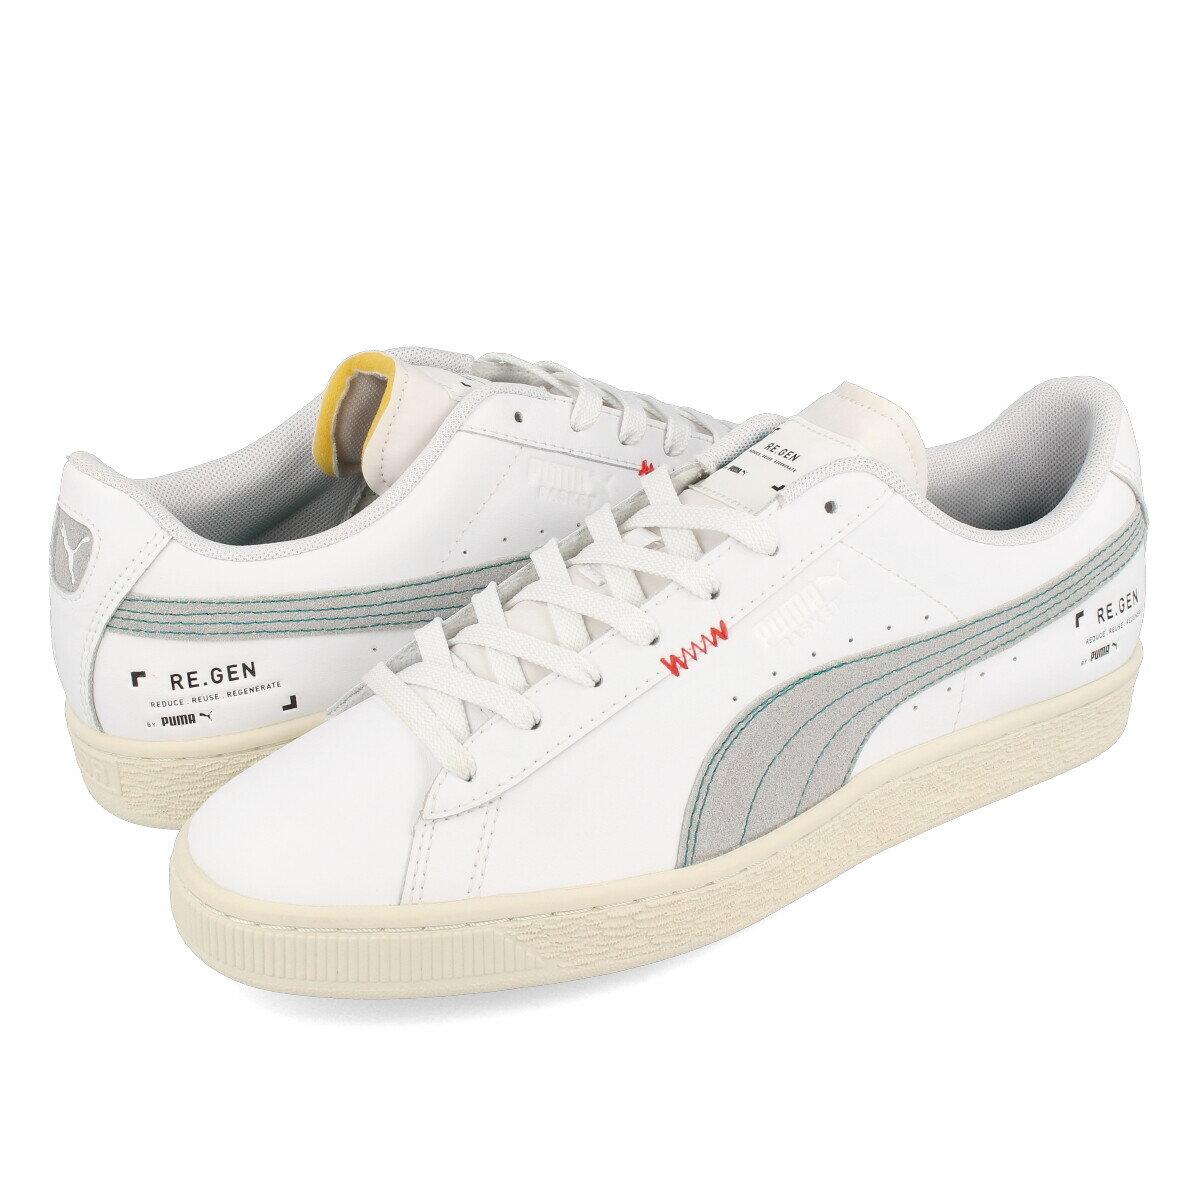 レディース靴, スニーカー  PUMA BASKET CLASSIC XXI RE.GEN 21 . WHITEWHISPER WHITE 382313-01